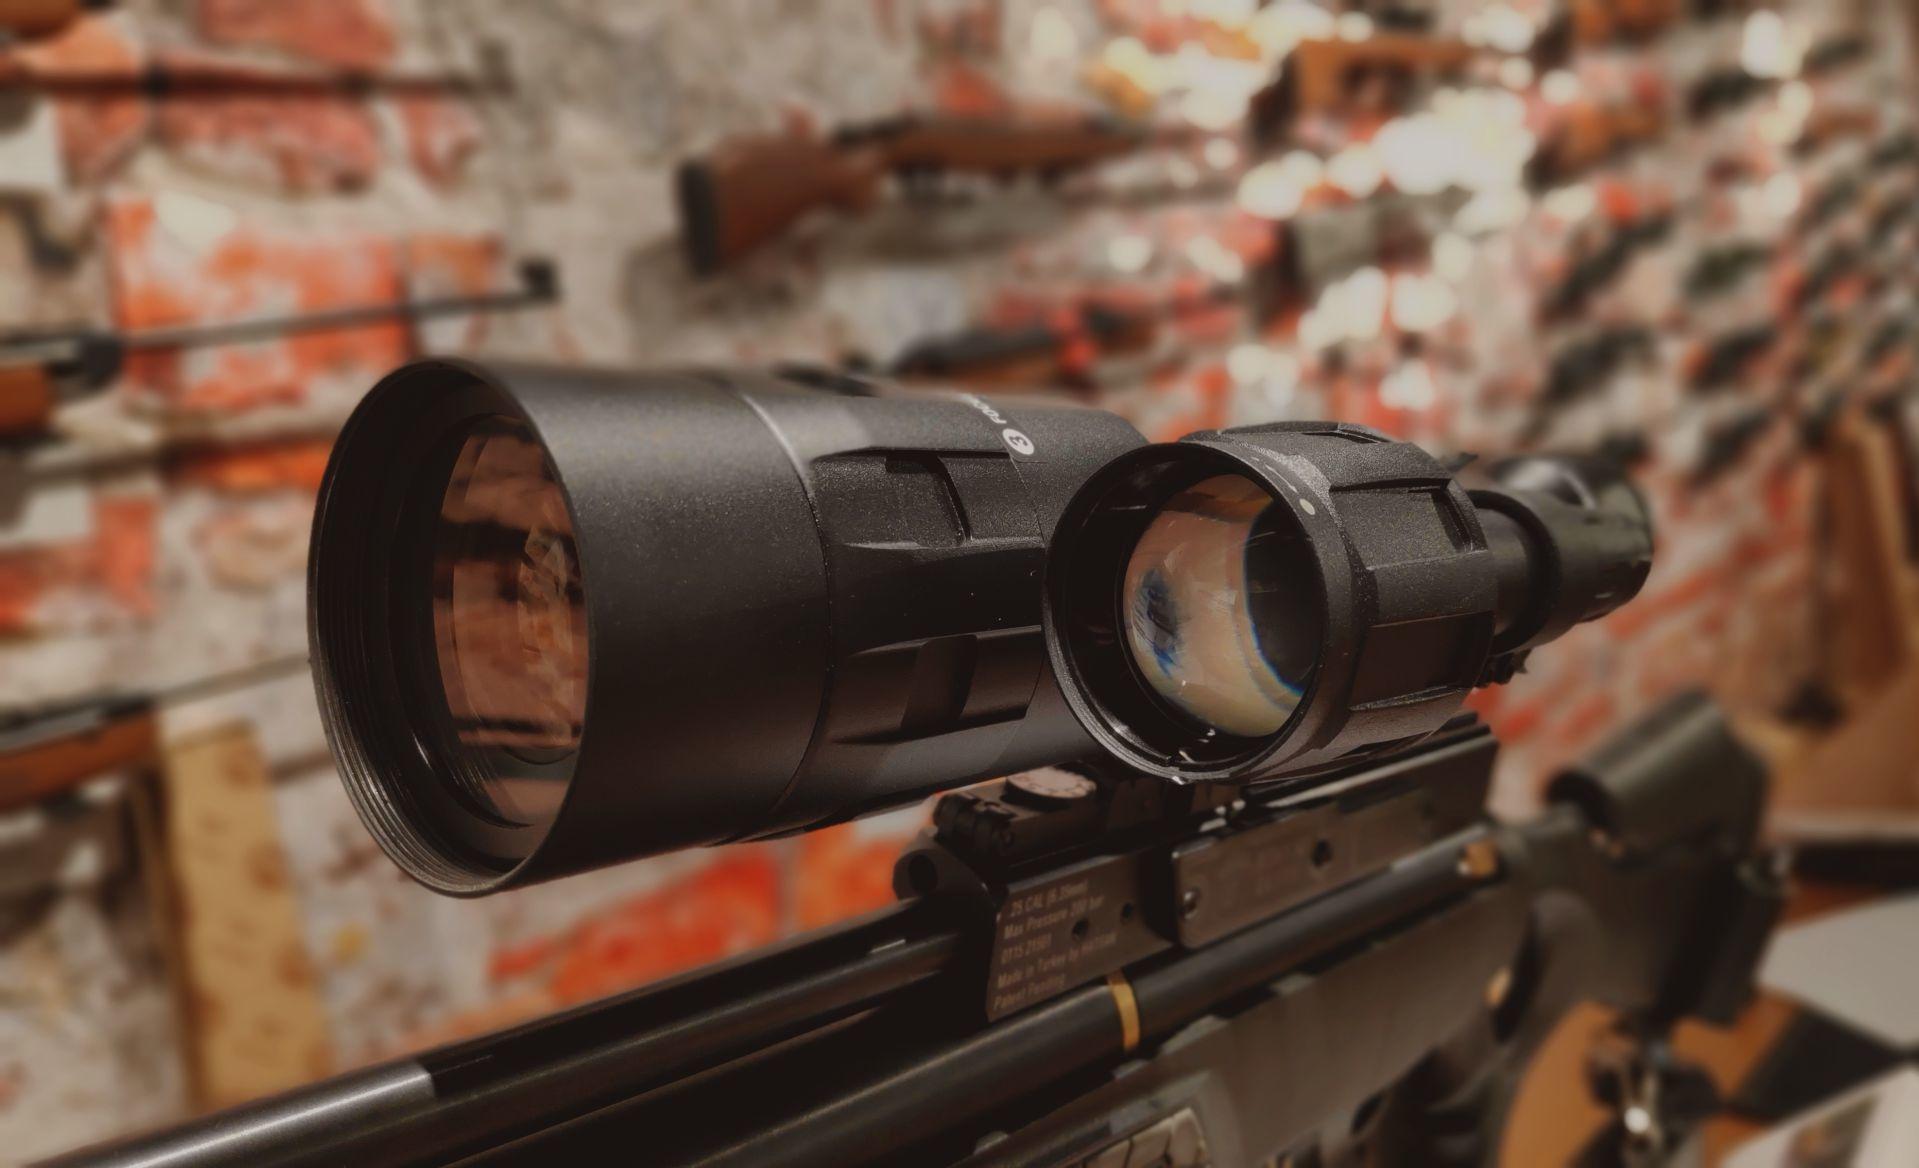 De ATN X-Sight met infraroodlamp op de Hatsan BT-65 SB